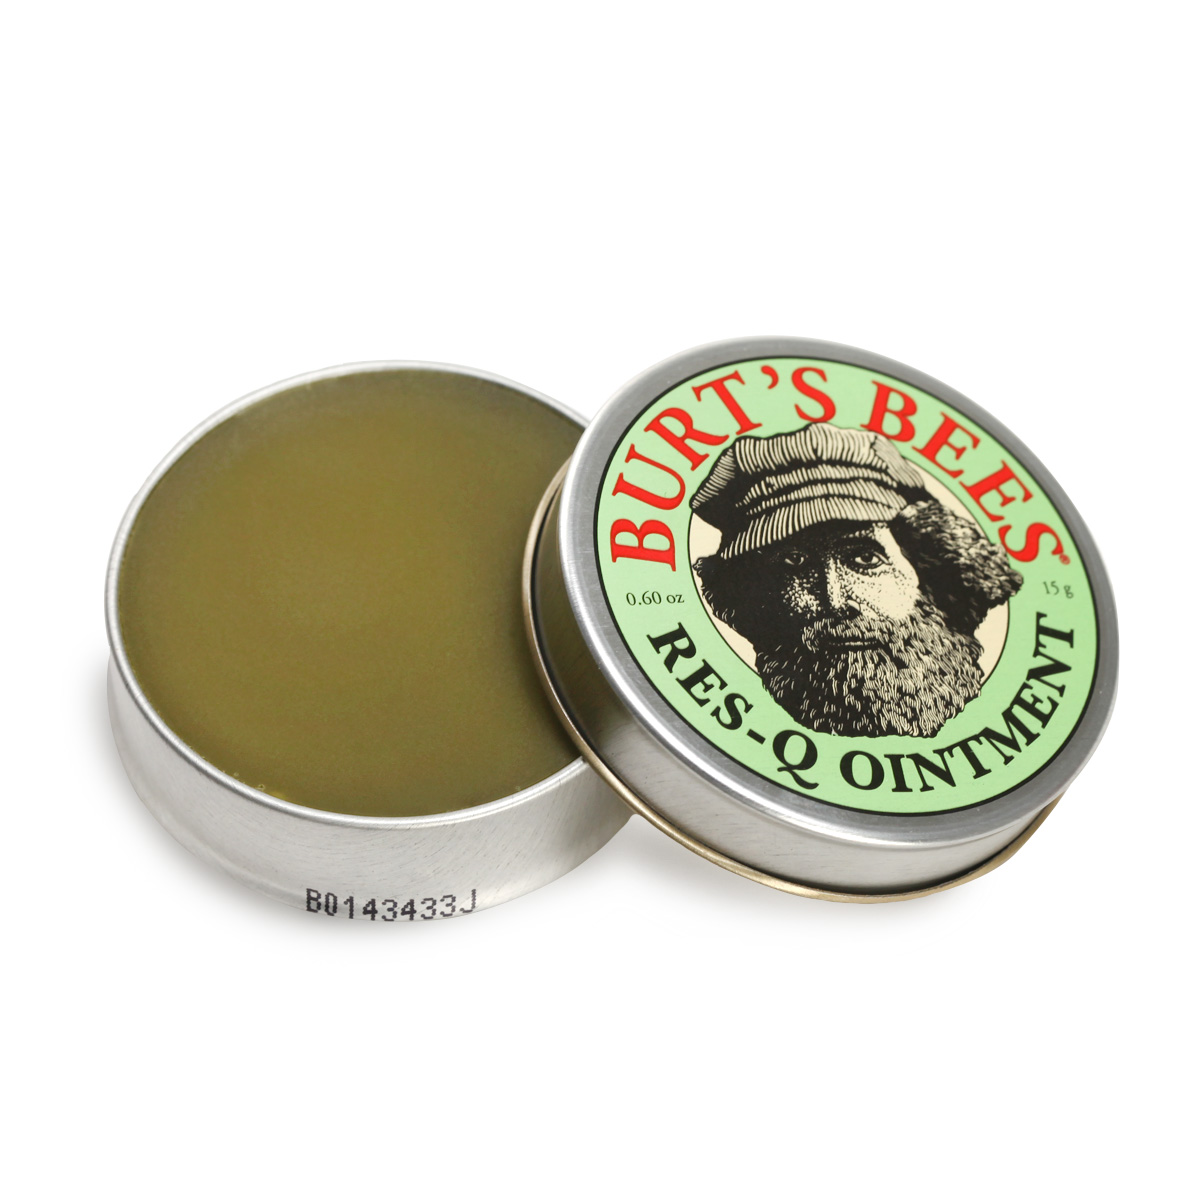 美国小蜜蜂 紫草膏Burt s bees婴儿童宝宝防蚊止痒膏蚊虫叮咬15g